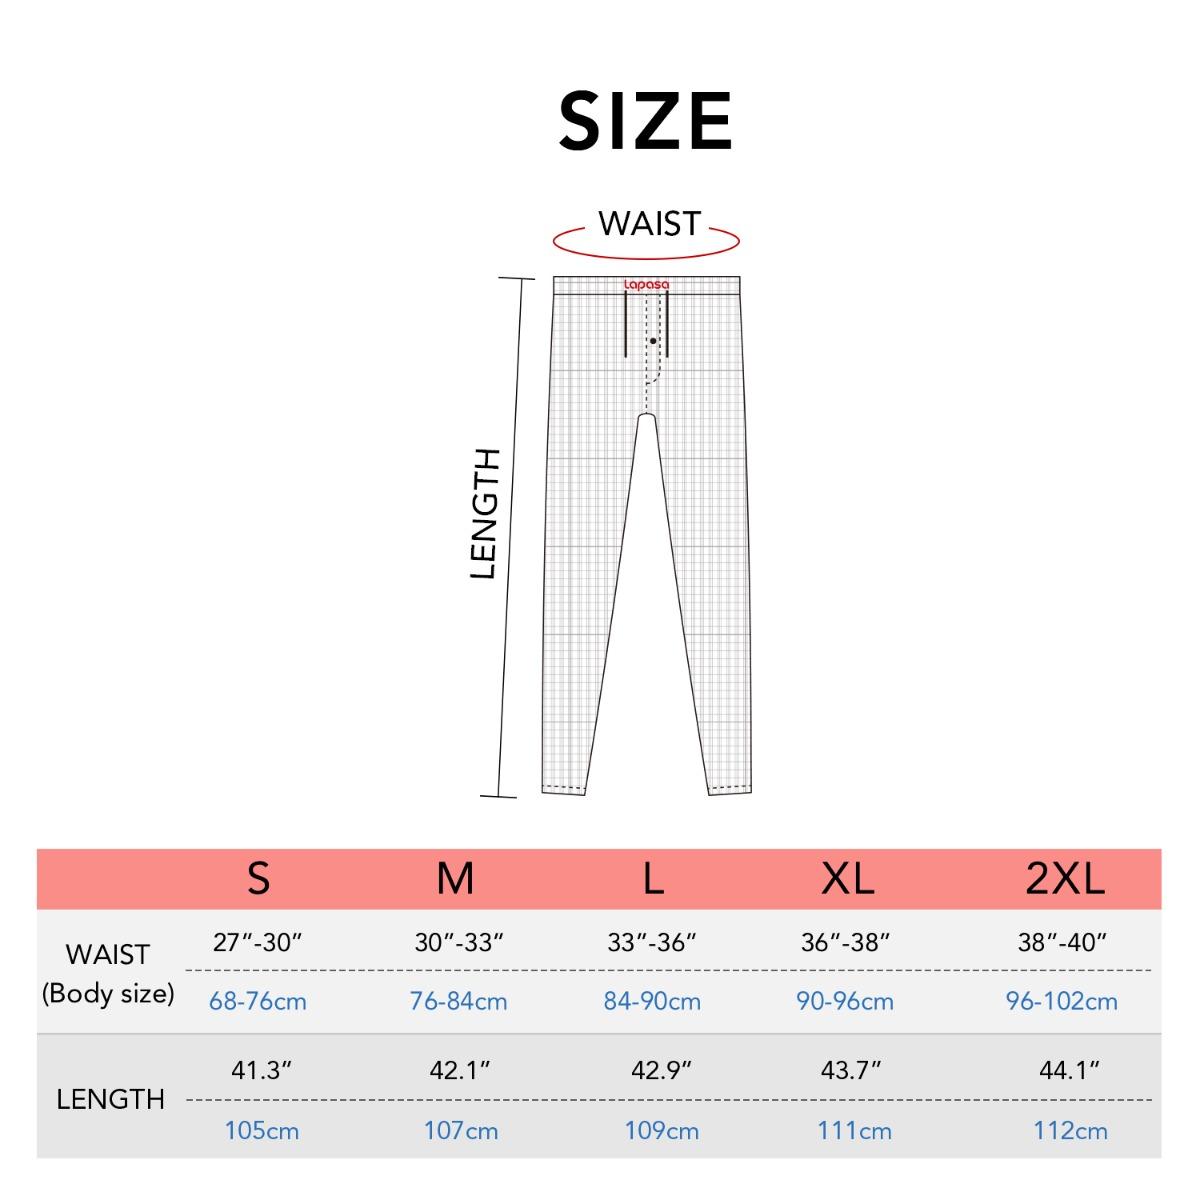 M38 size chart